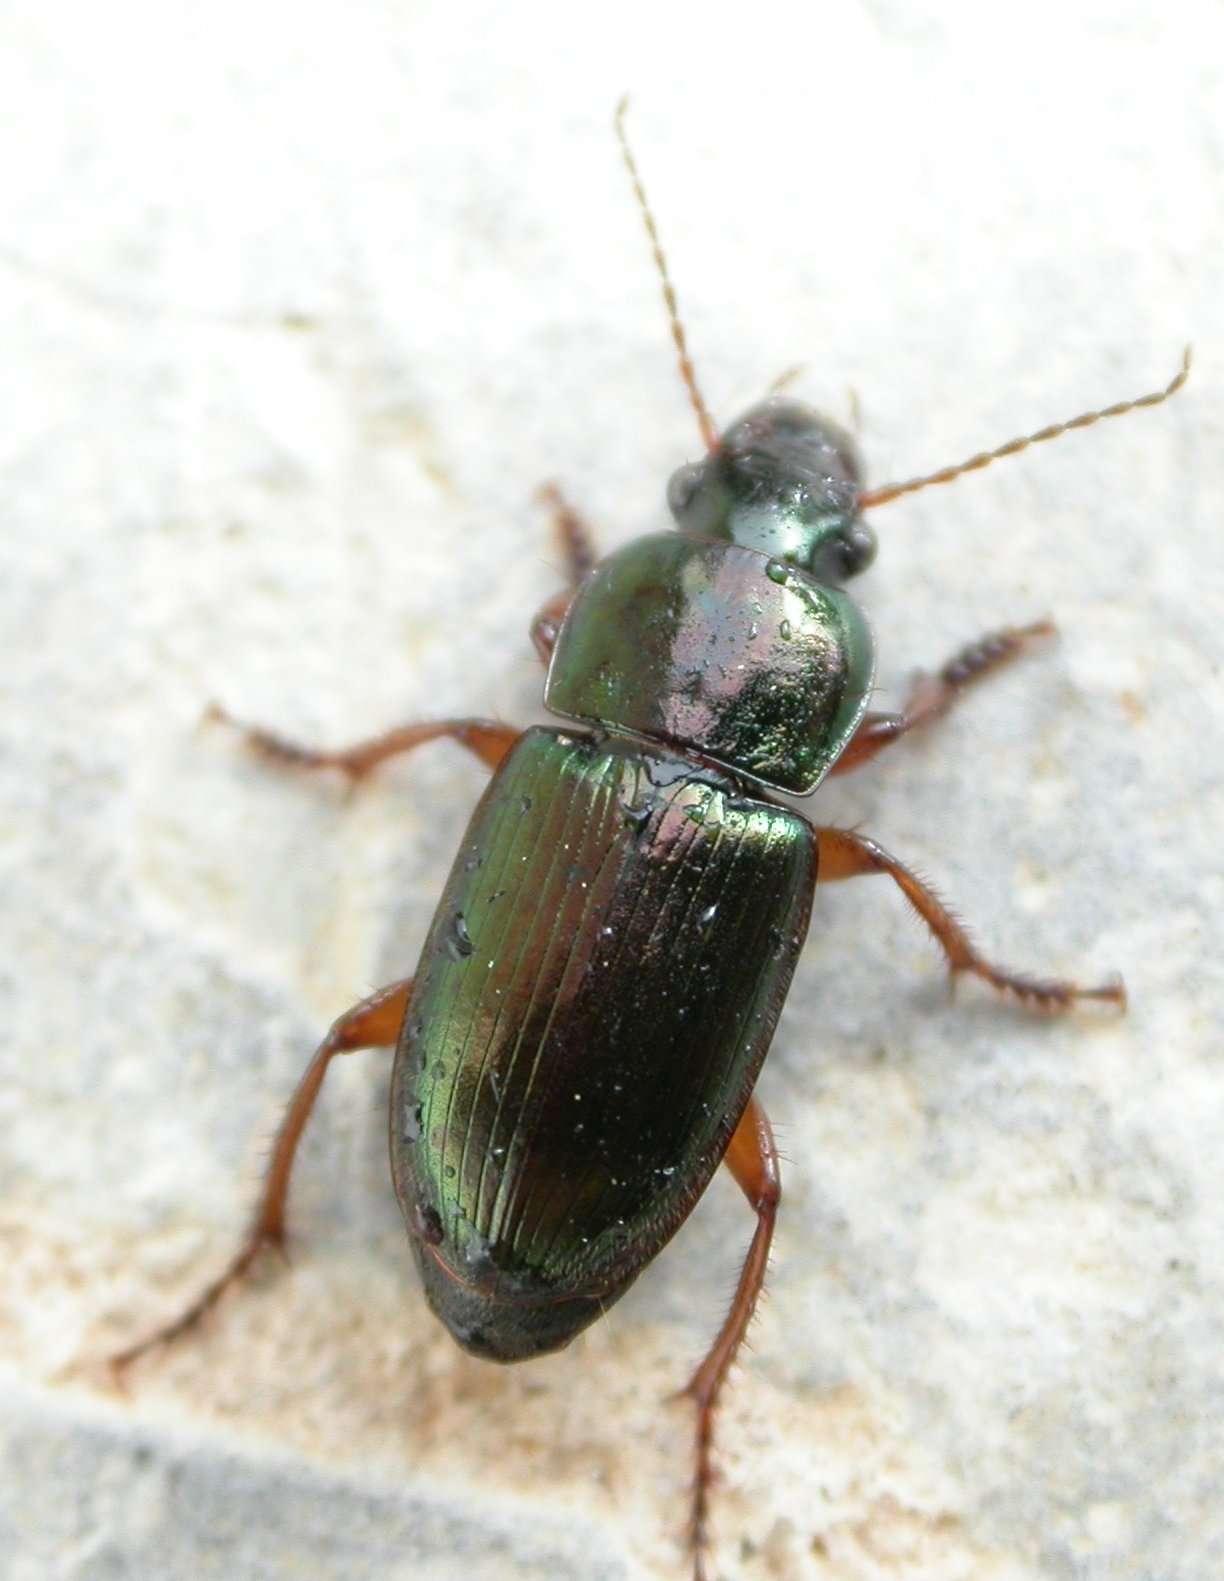 Harpalus affinis est un carabidé. © Olivier, insecte.org, cc by nc 2.0